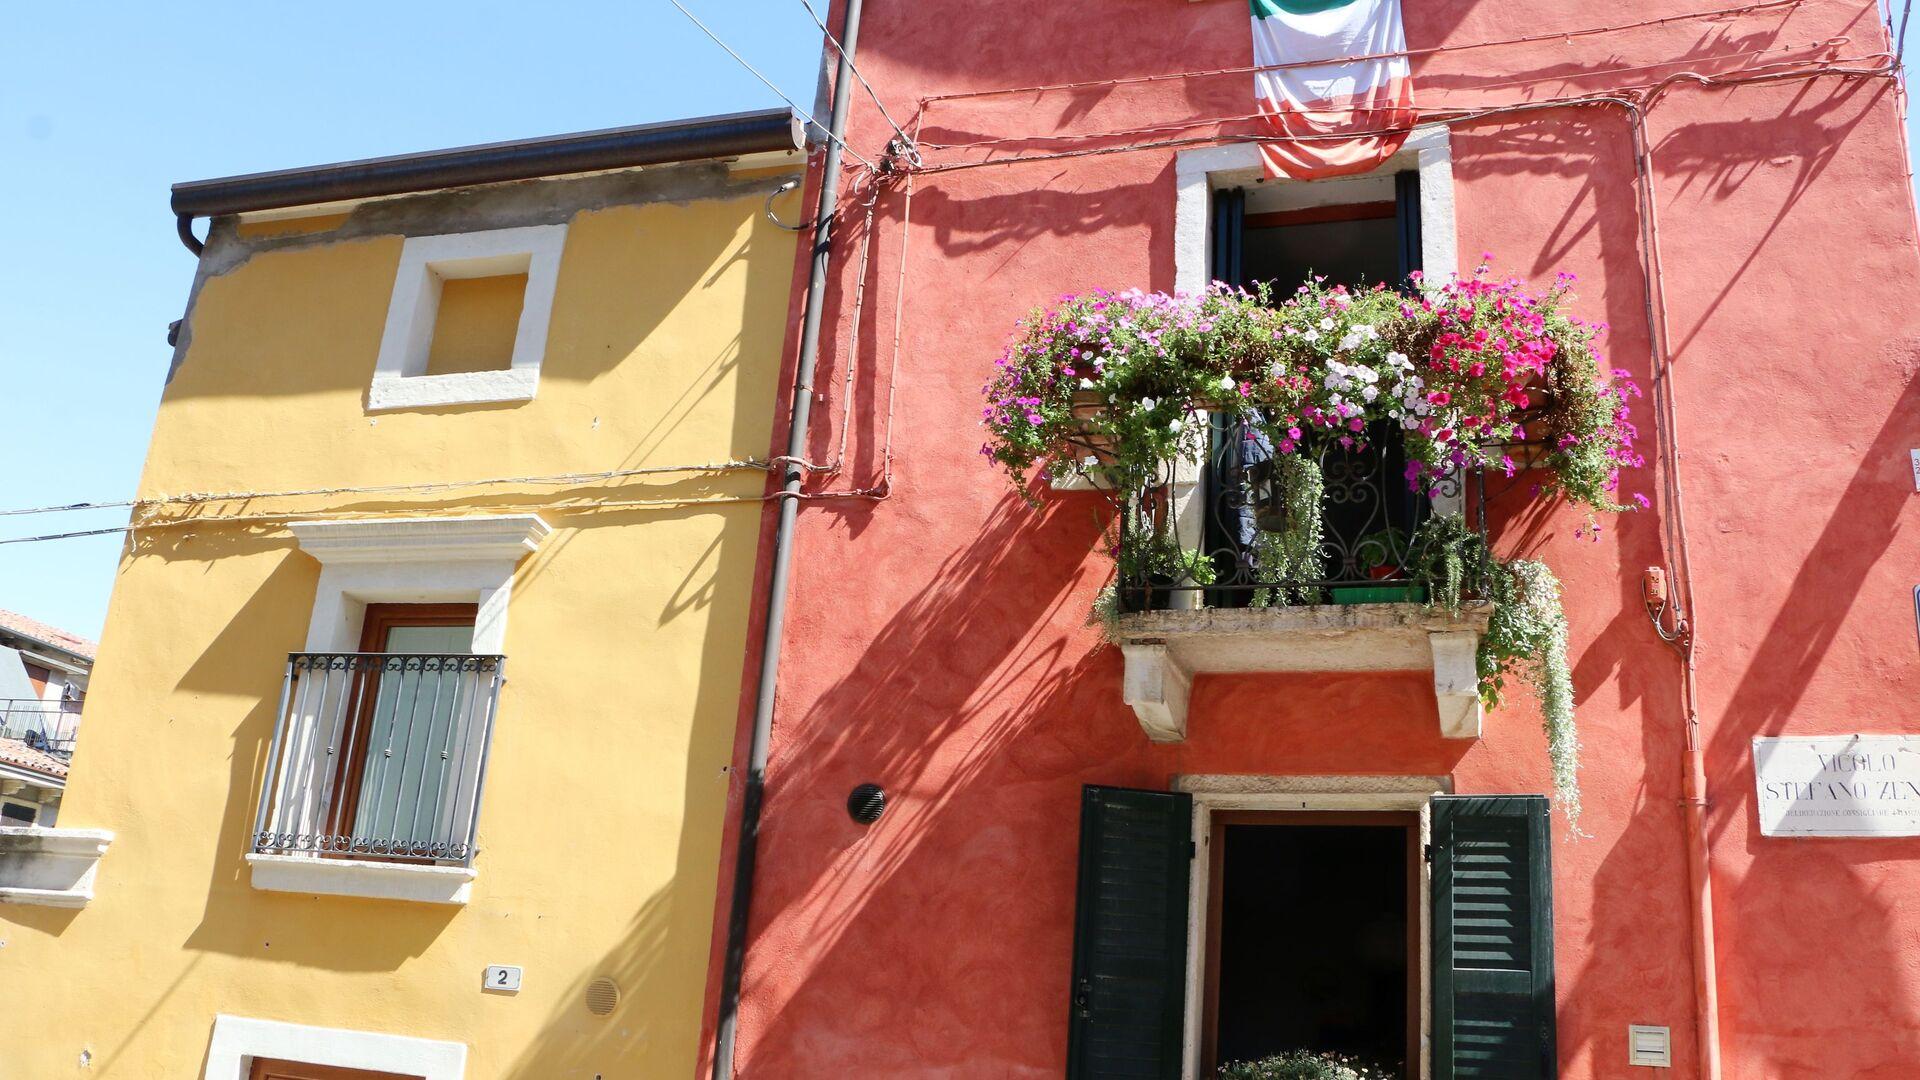 Le case con i balconi in Italia - Sputnik Italia, 1920, 17.08.2021